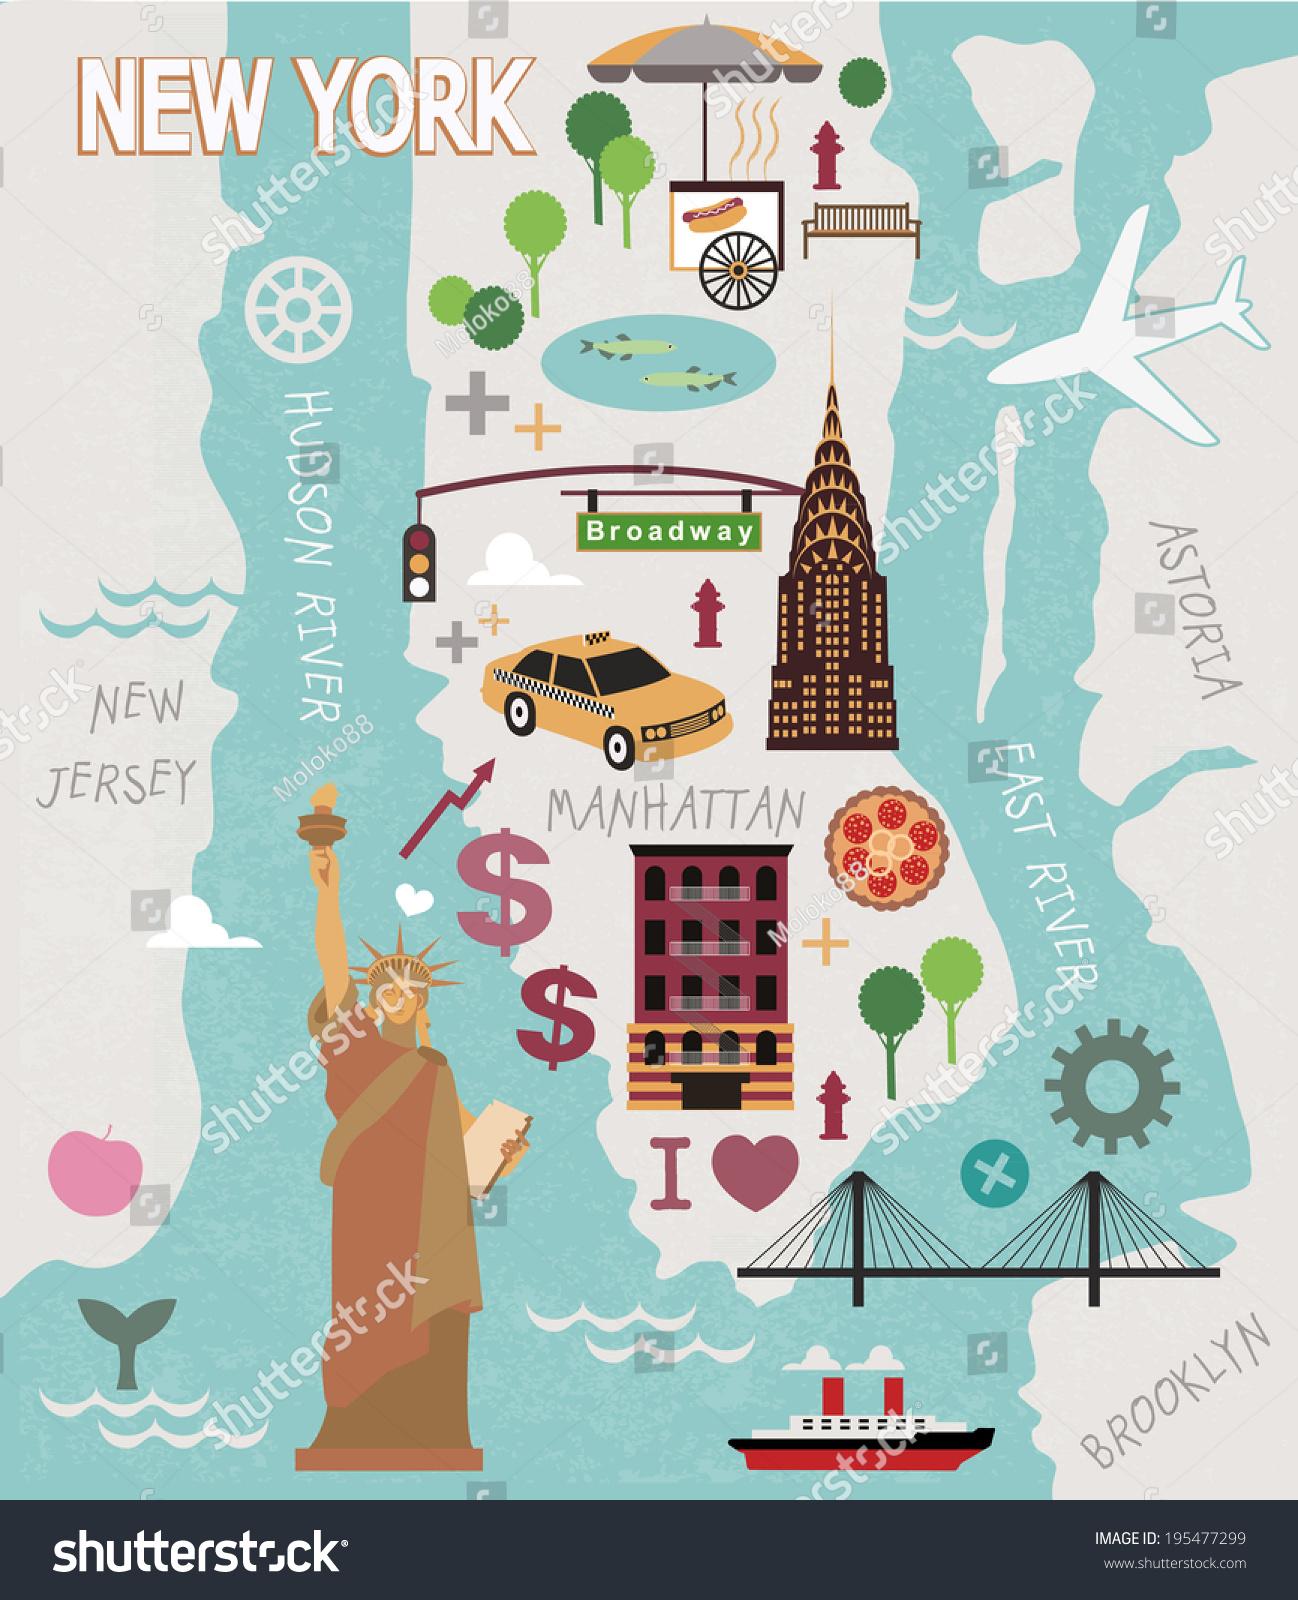 New City Thuận Việt thủ thiêm liền kề Khu thành thị Sala Đại quang Minh cao cấp và The Sun Avenue  stock-vector-cartoon-map-of-new-york-city-195477299